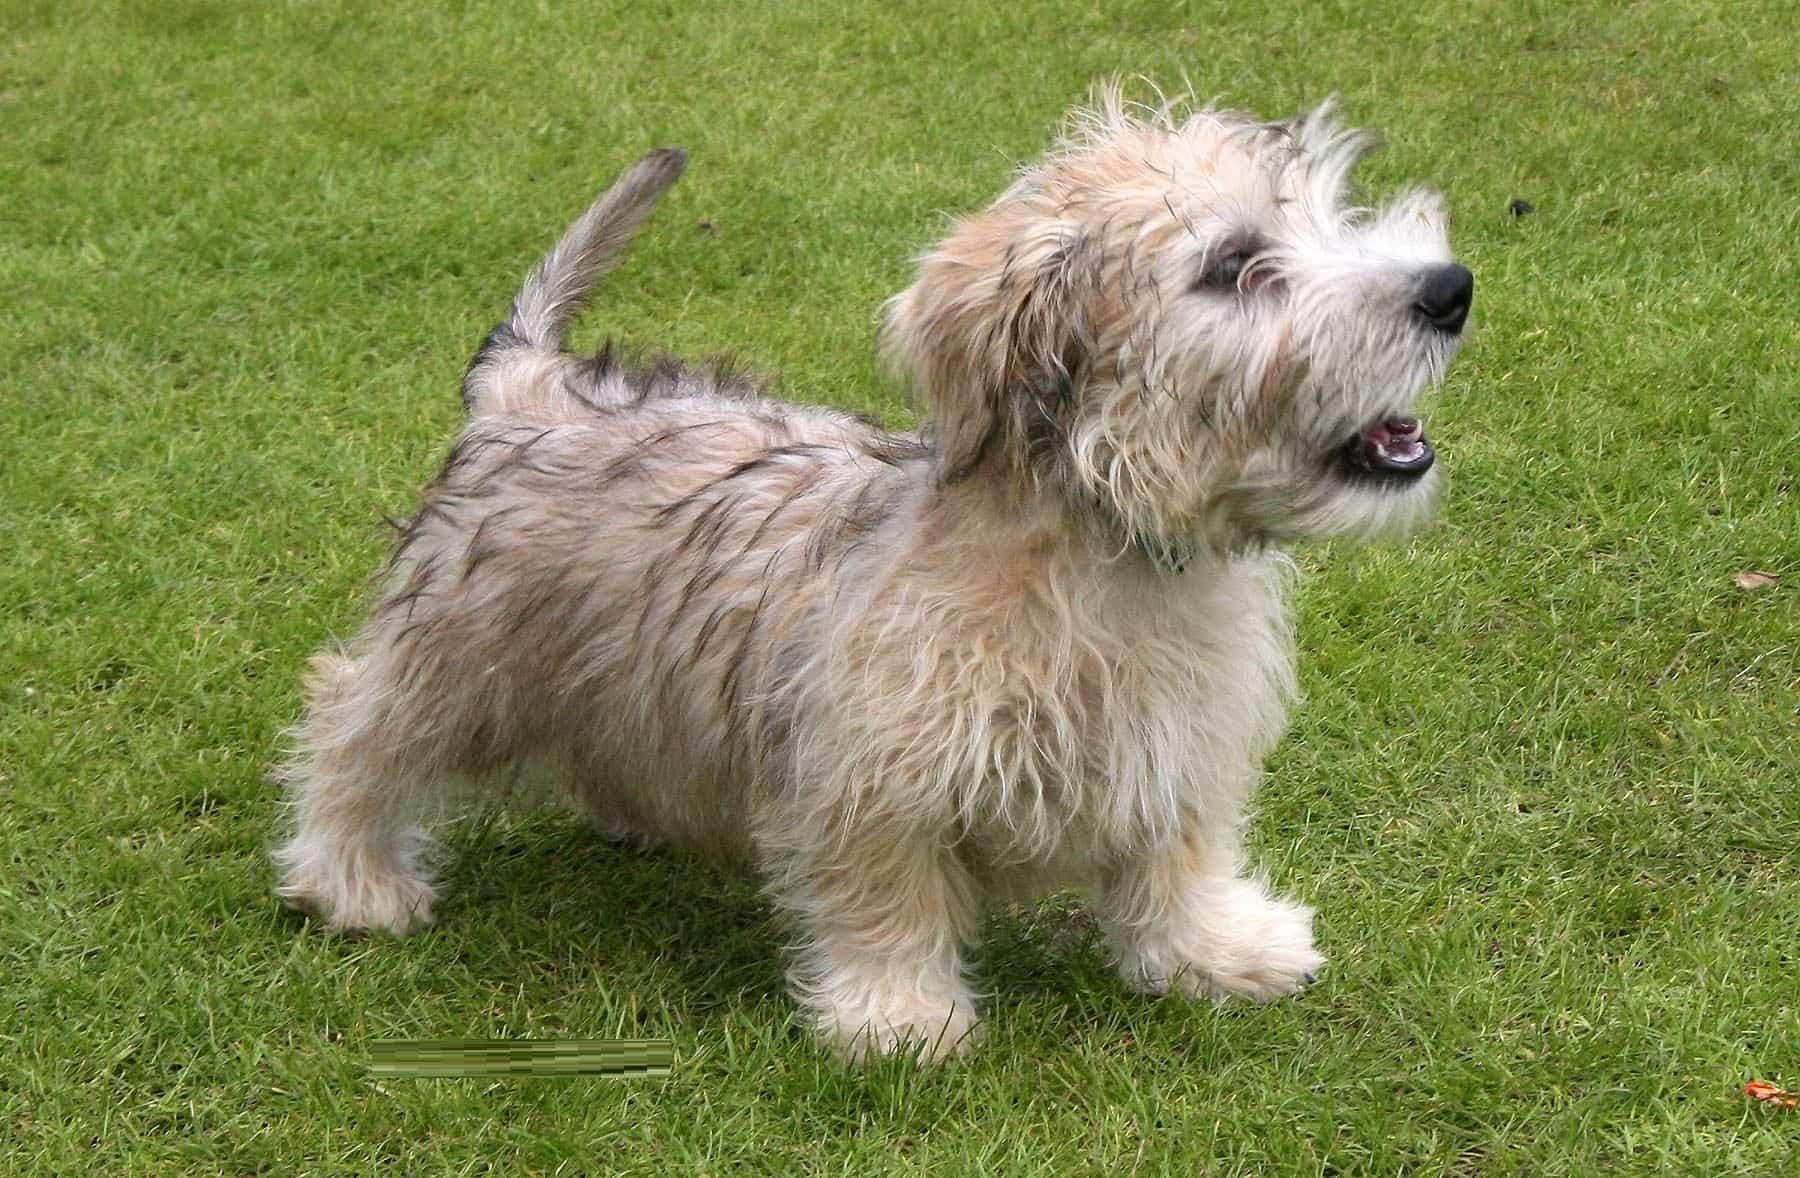 Chú chó Glen of Imaal Terrier đứng trên cỏ